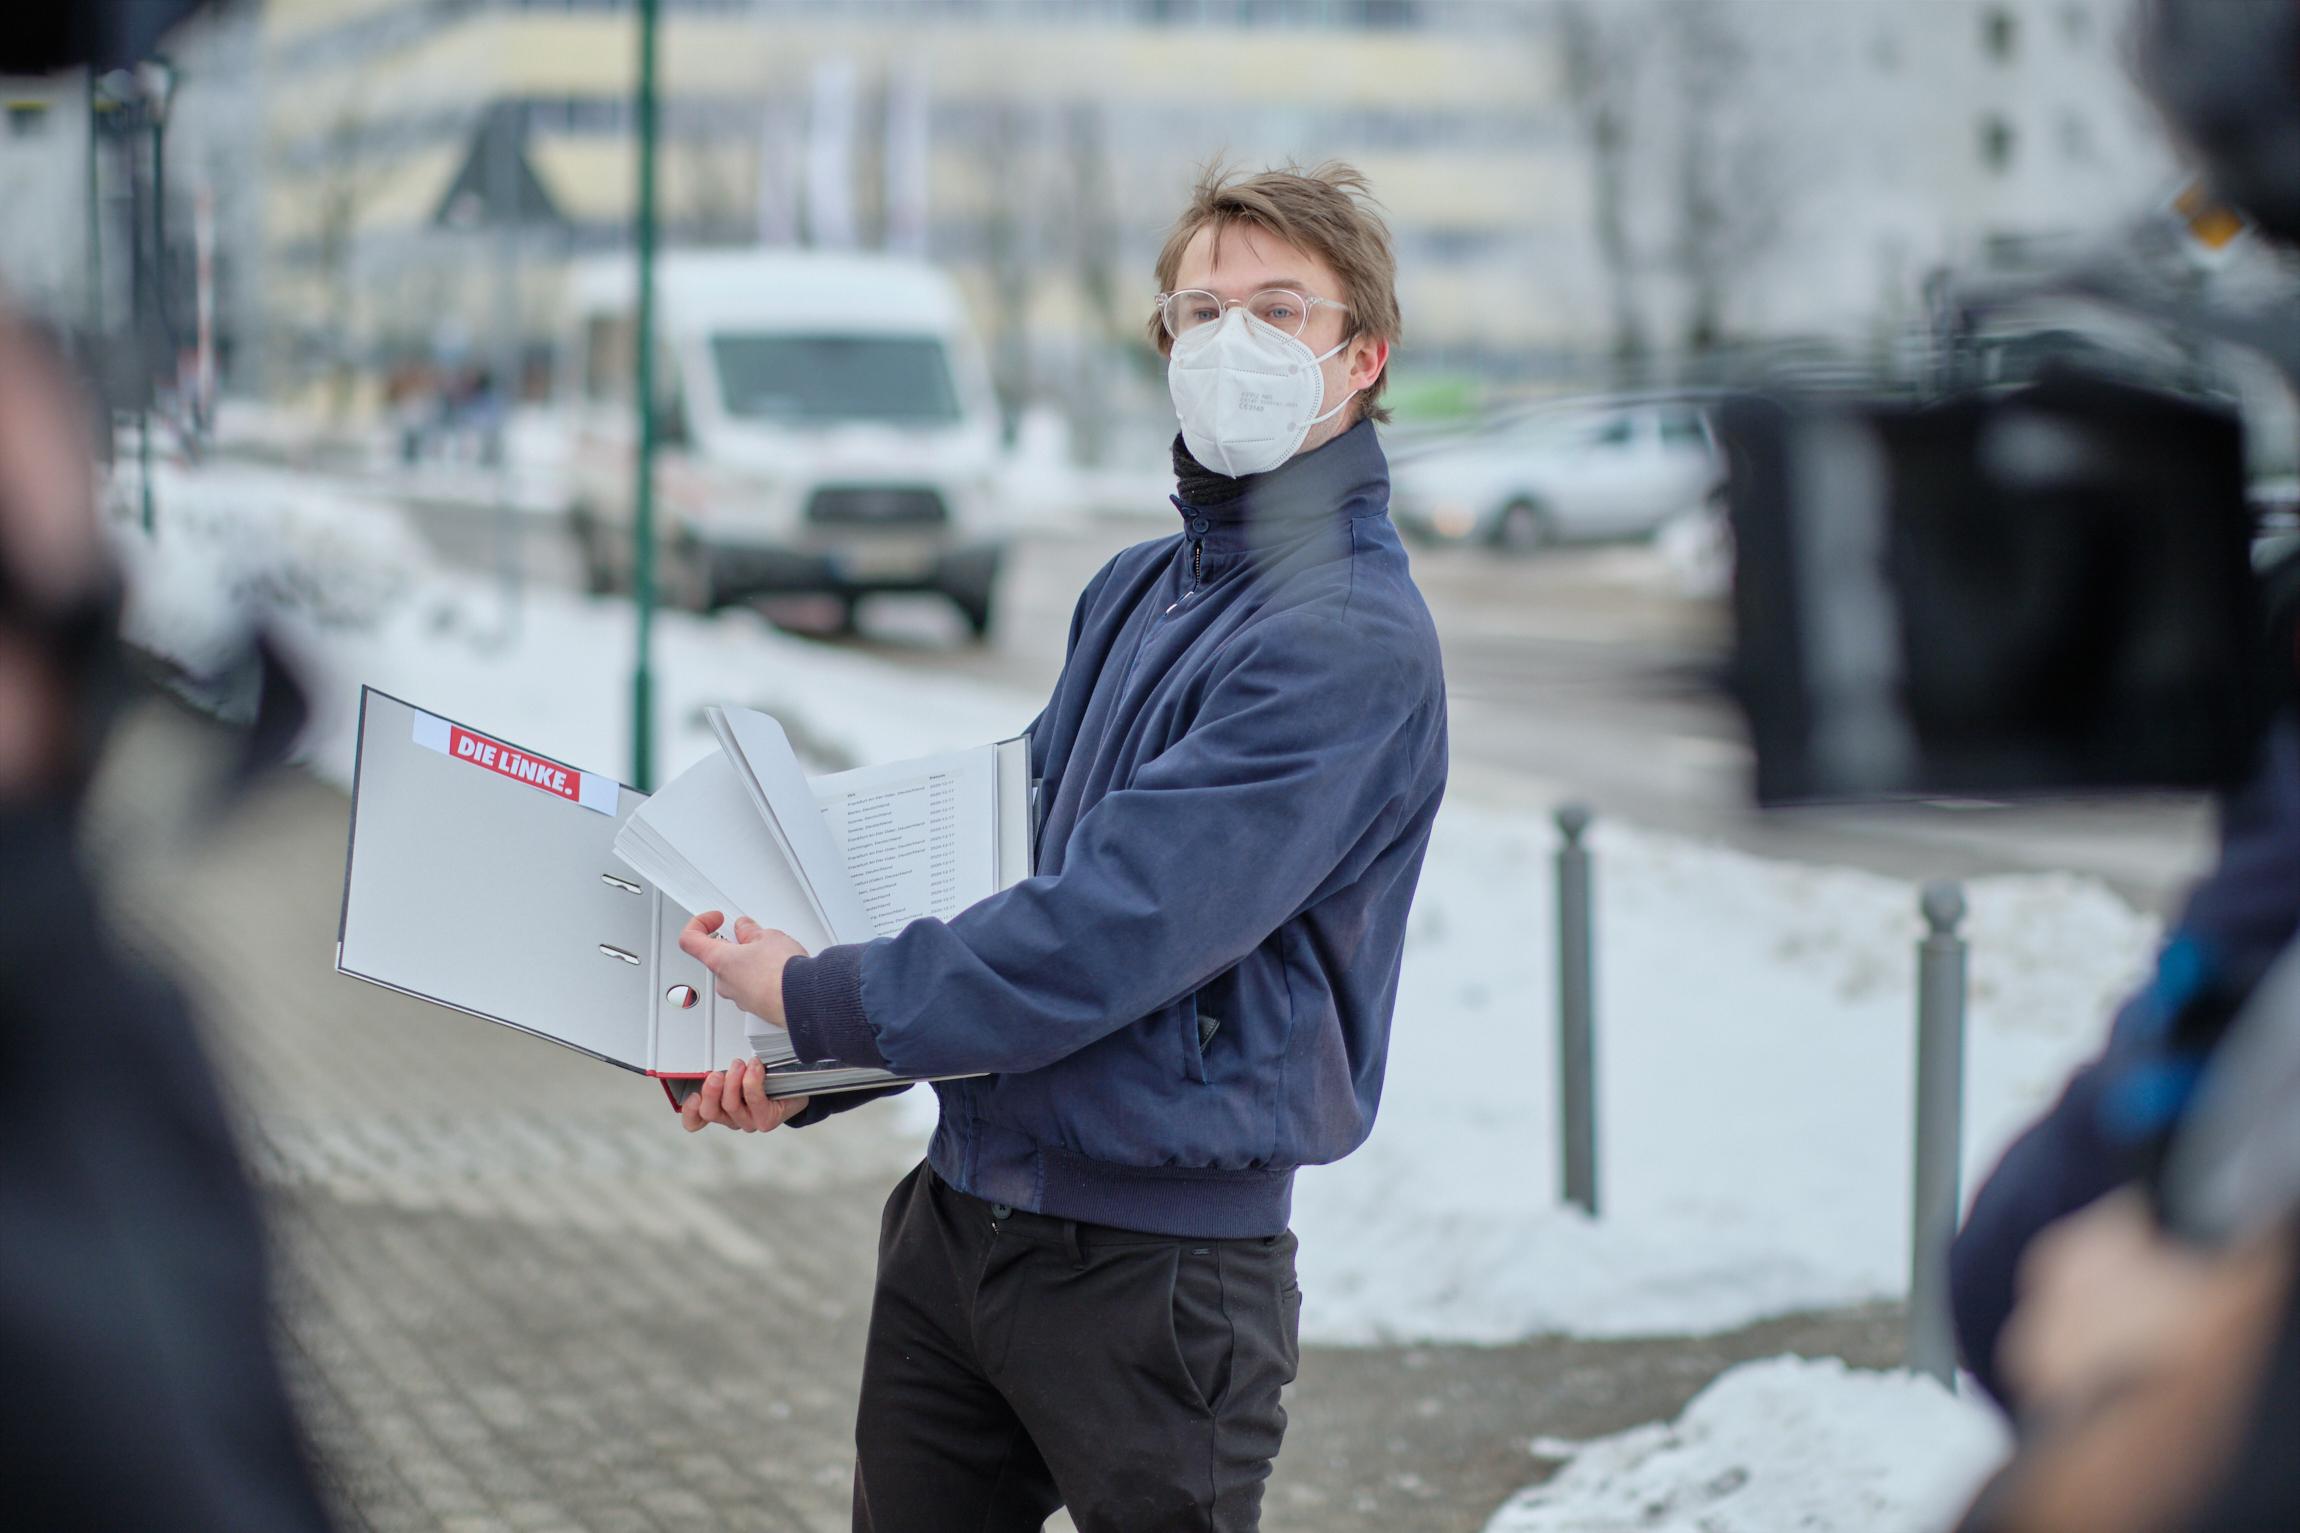 Stefan Kunath blättert die Unterschriften der Petition durch